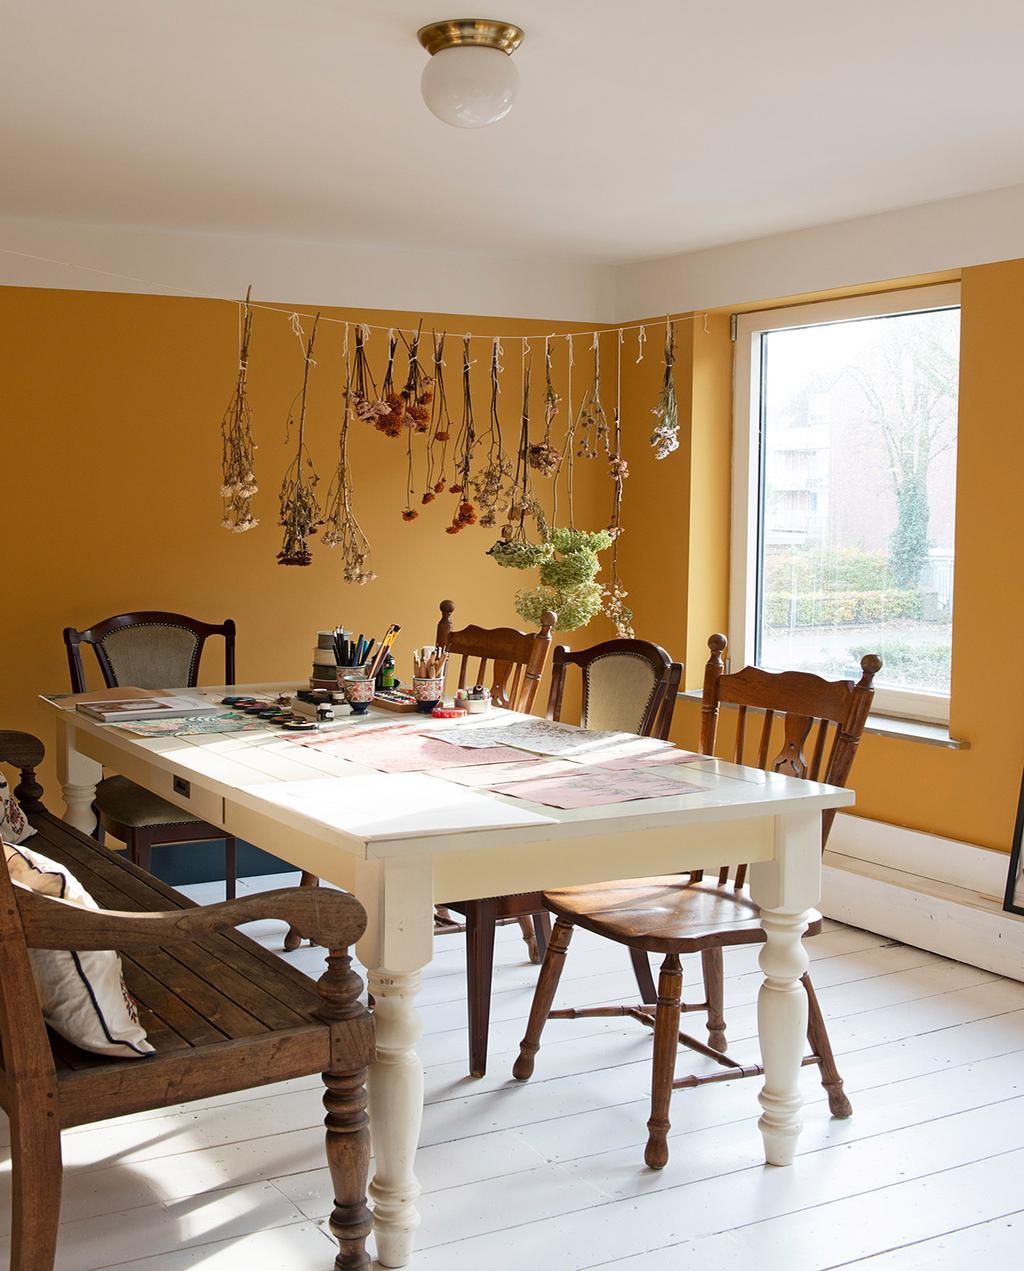 vtwonen 03-2021   eettafel met verschillende vintage stoelen en okergele muur